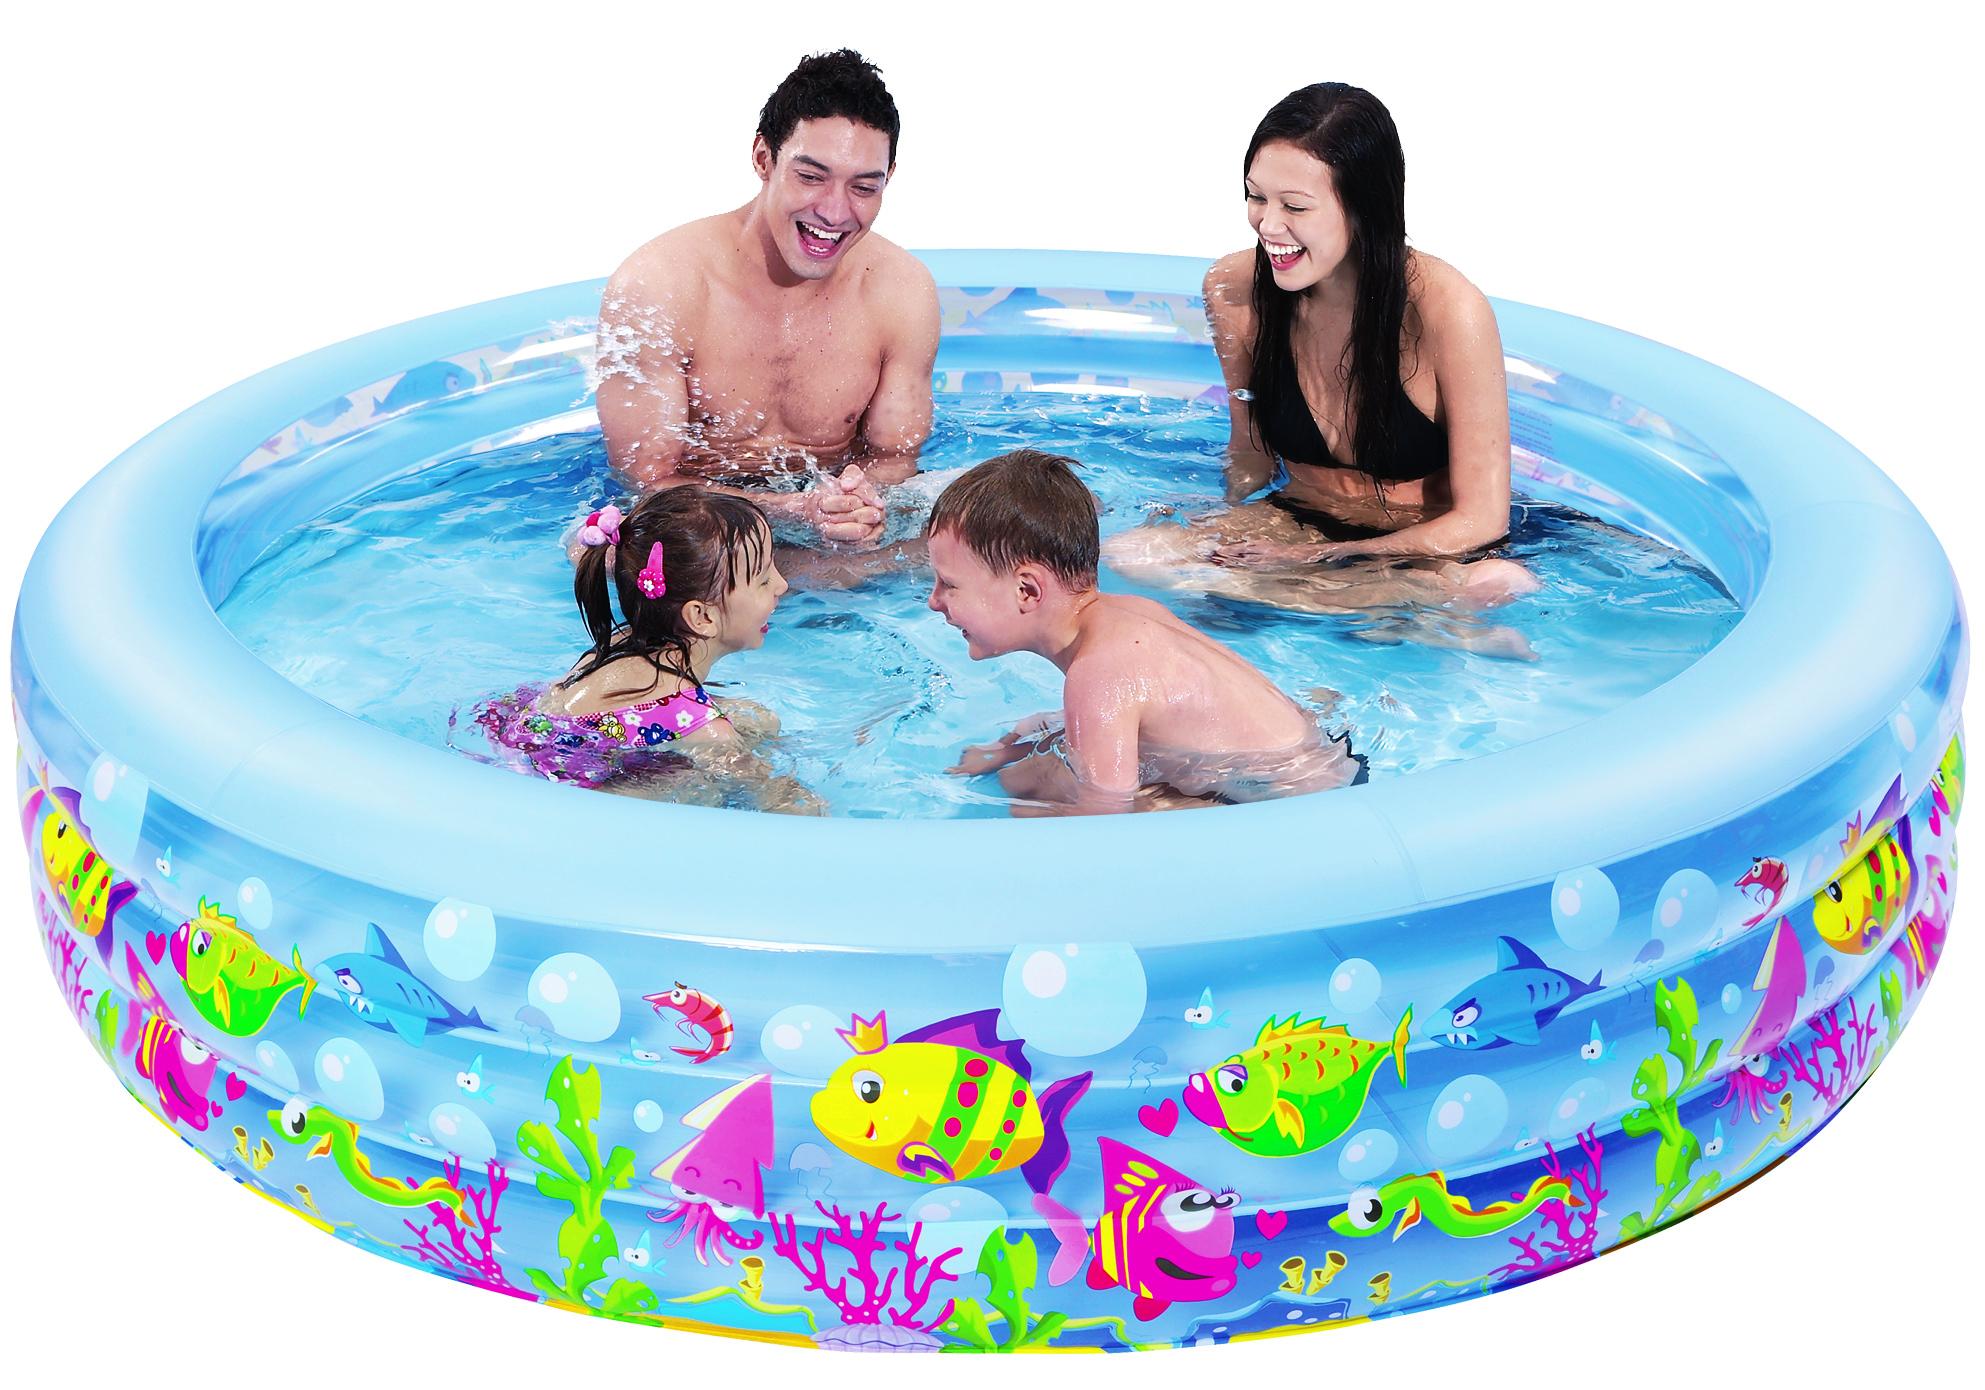 Бассейн надувной Jilong Aquarium, 185 см x 50 смC0038552Круглый надувной бассейн Jilong Aquarium предназначен для детского и семейного отдыха на загородном участке. Отлично подойдет для детей от 6 лет. Бассейн изготовлен из прочного ПВХ. Оснащен удобной сливной пробкой.Комфортный дизайн бассейна и приятная цветовая гамма сделают его не только незаменимым атрибутом летнего отдыха, но и оригинальным дополнением ландшафтного дизайна участка. В комплект с бассейном входит заплатка для ремонта в случае прокола.